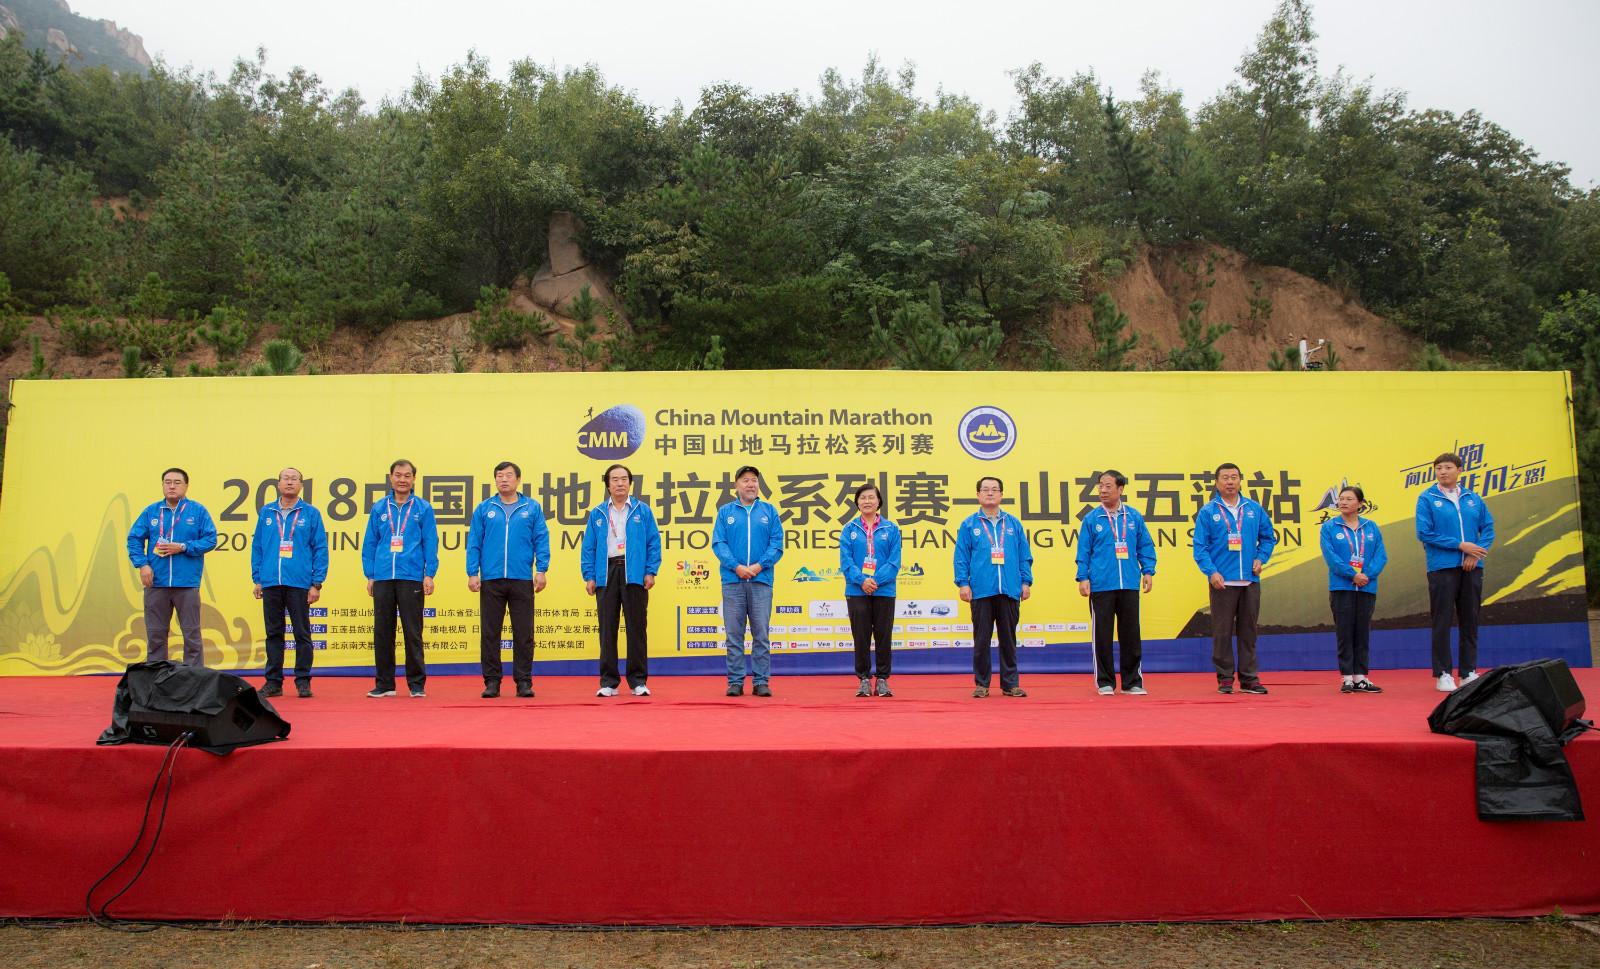 2018中国山地马拉松系列赛—山东五莲站 鸣枪开赛